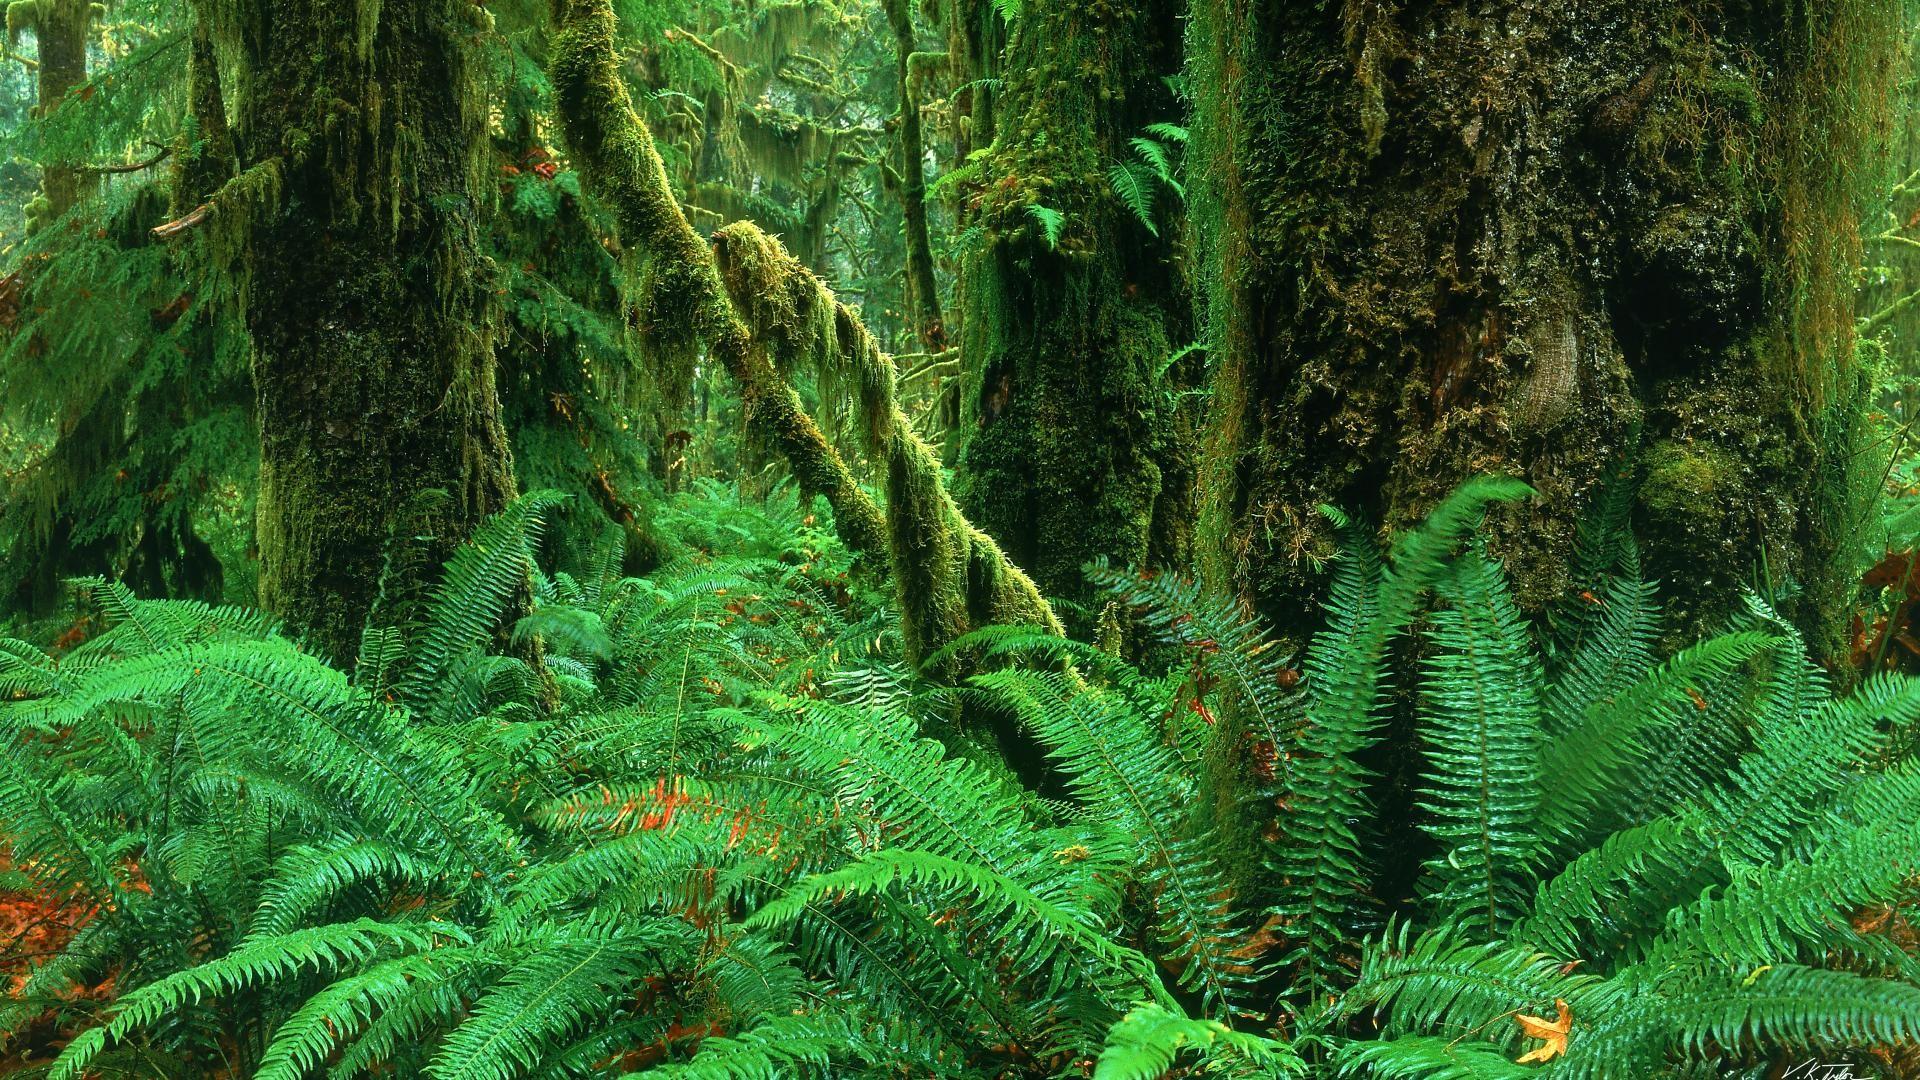 rainy forest background